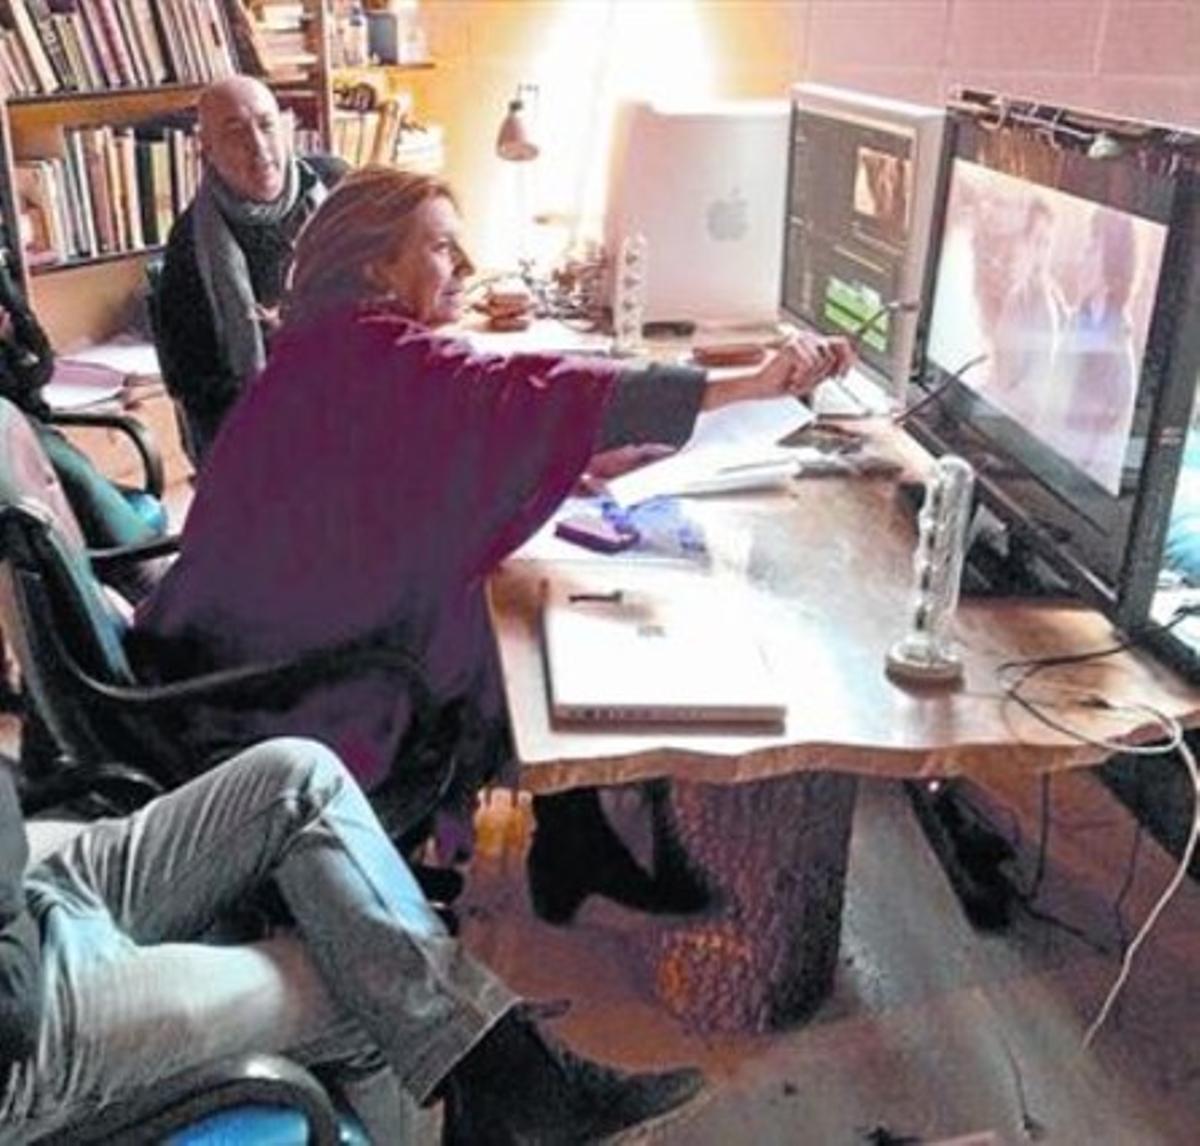 Isona Passola, centro, montando 'L'Endemà' financiada con Verkami.